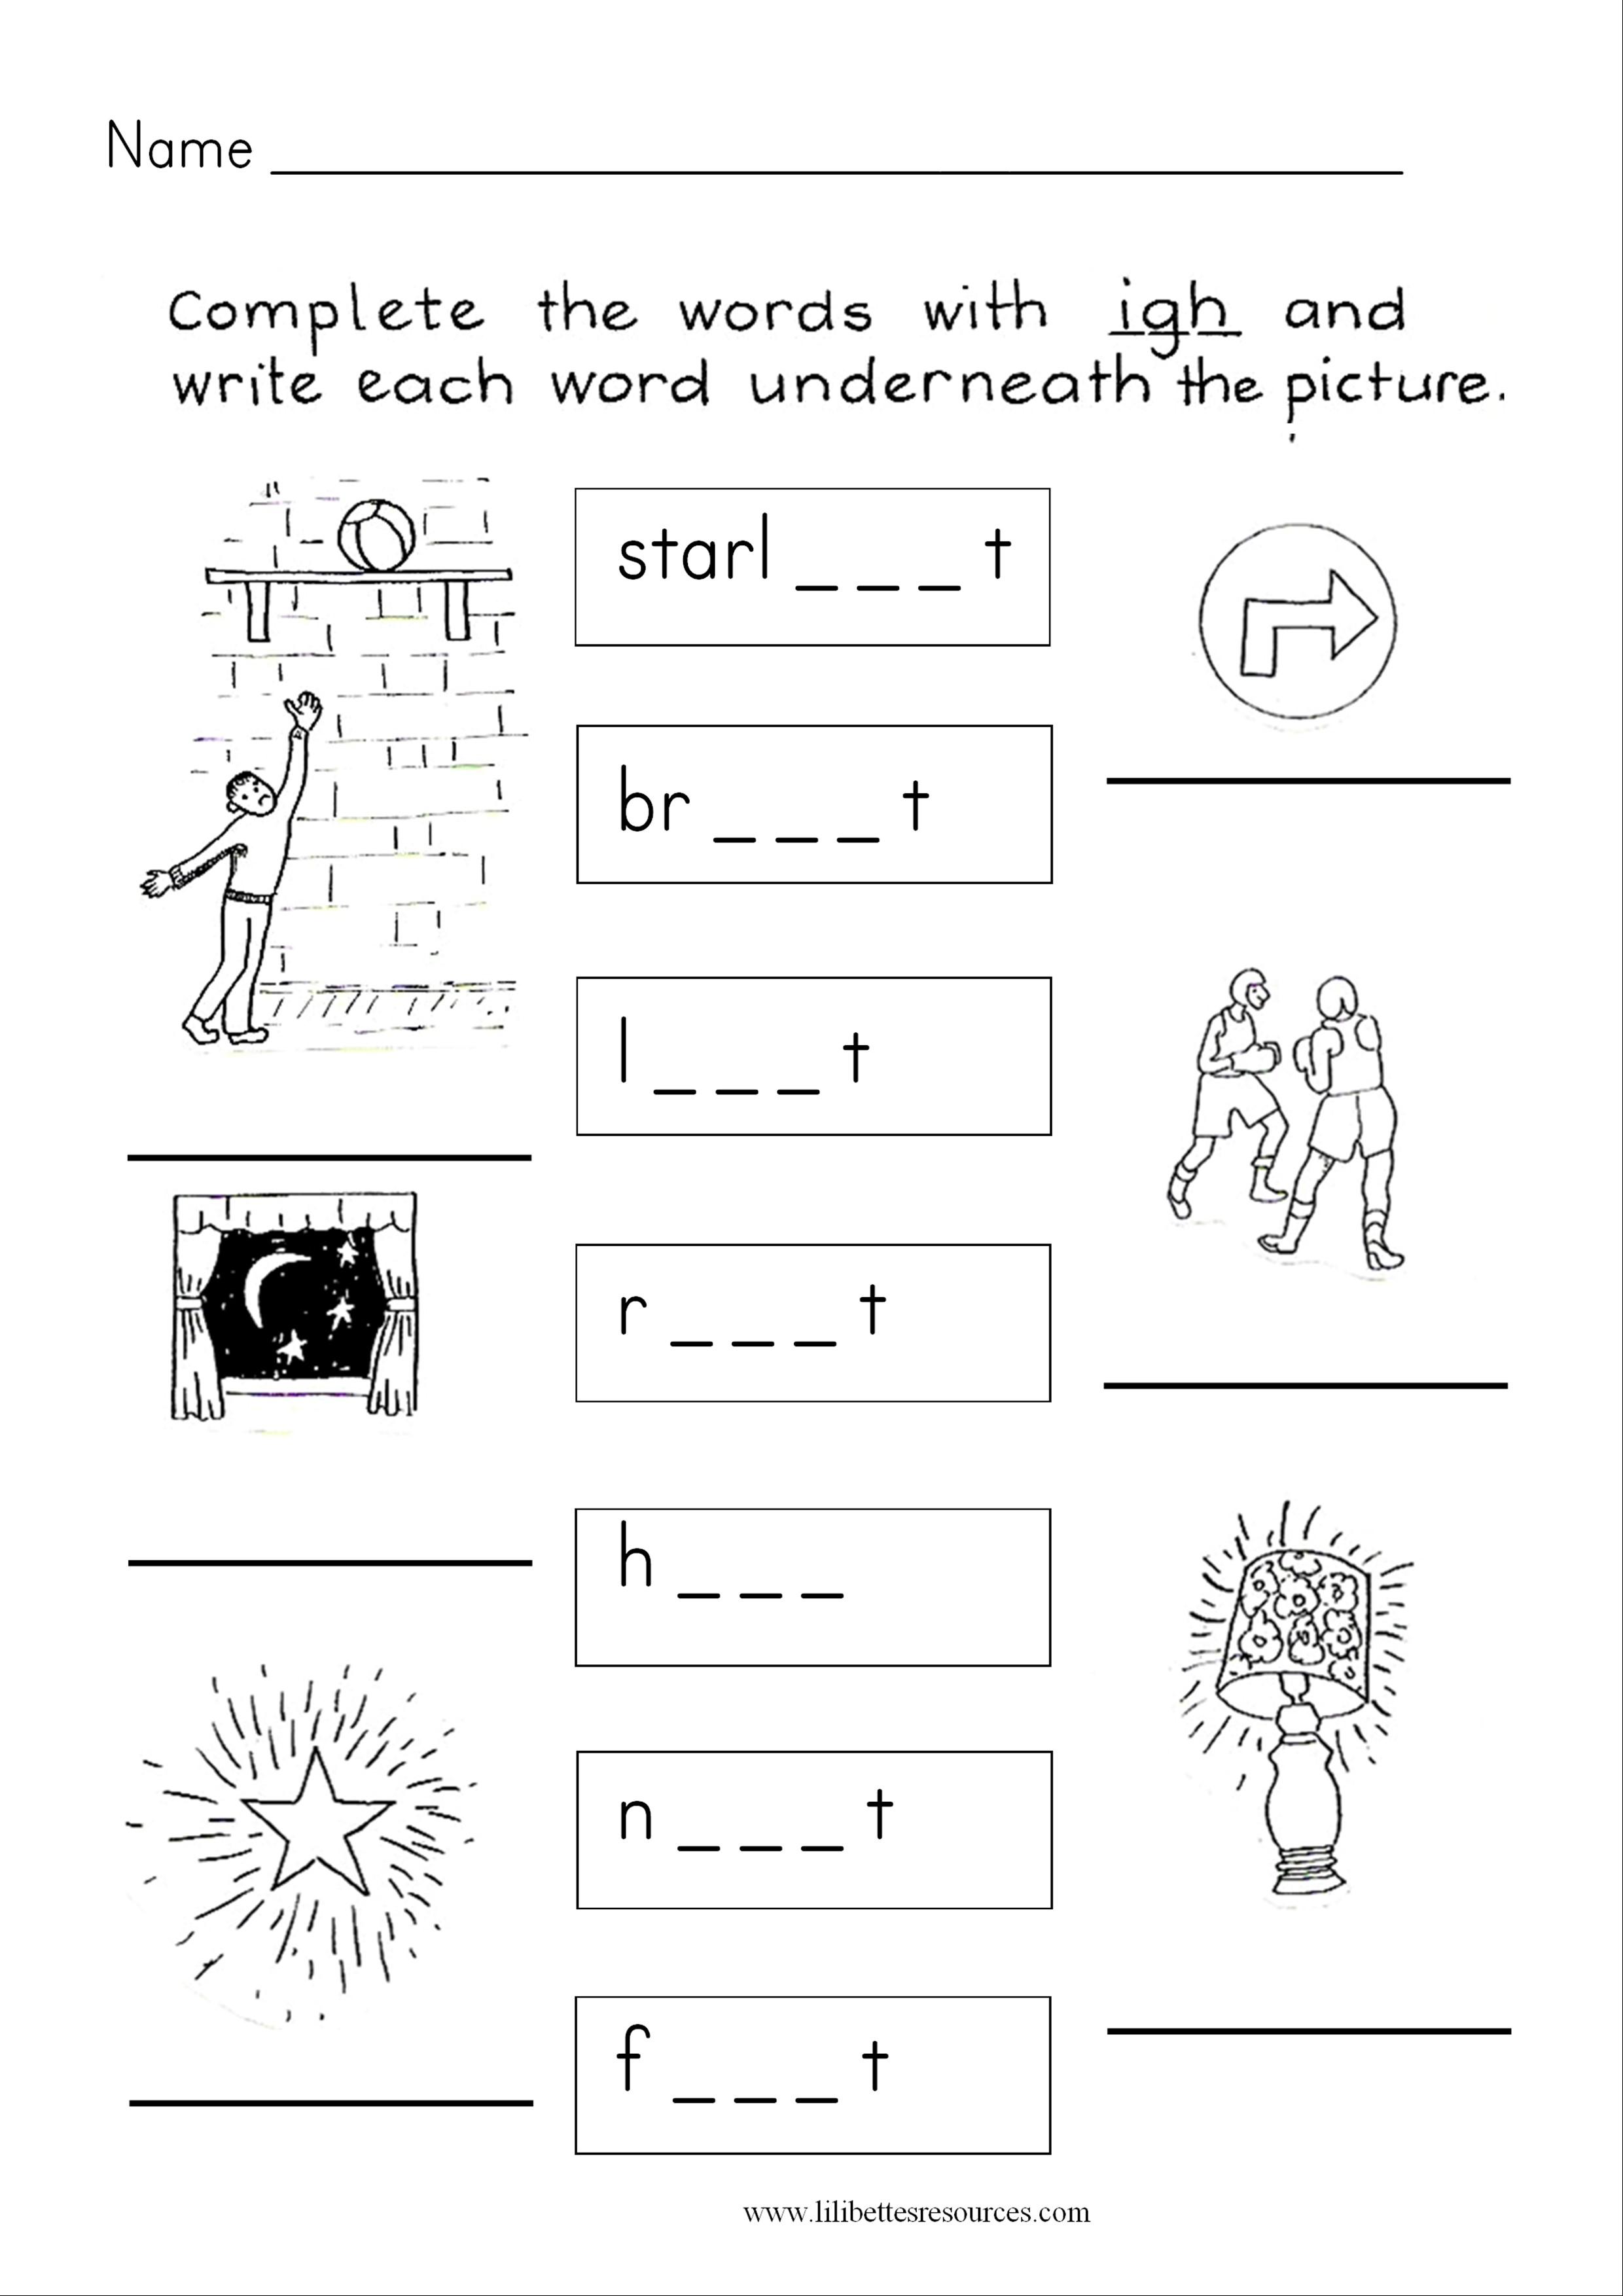 Igh Phonics Worksheets